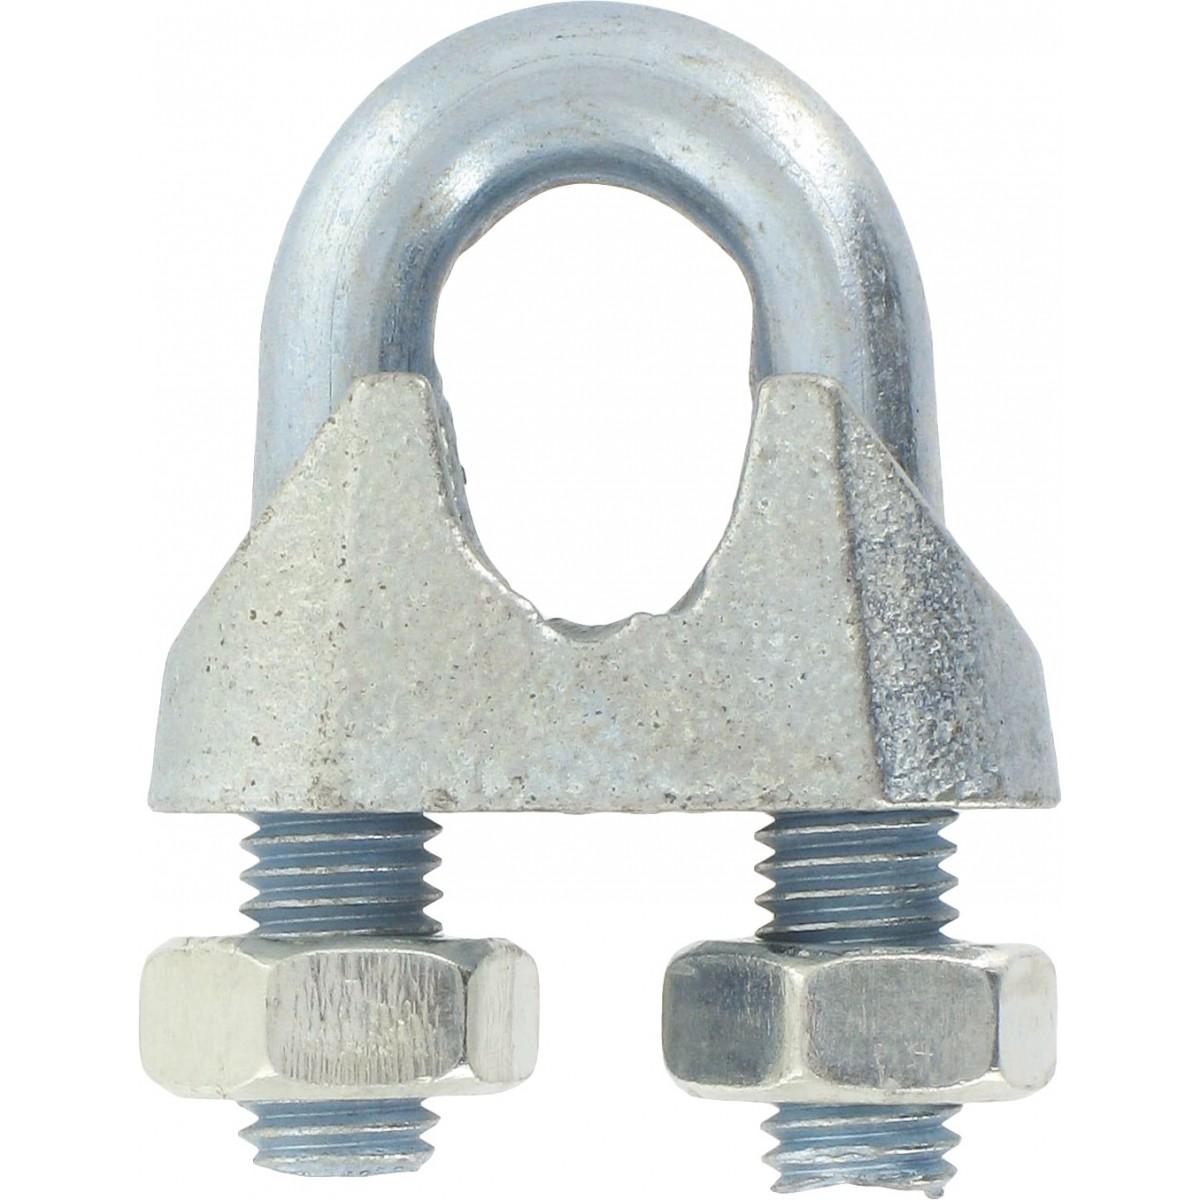 Serre-câble à étrier Chapuis - Etrier acier zingué - Diamètre Câble 12 mm - Vendu par 5